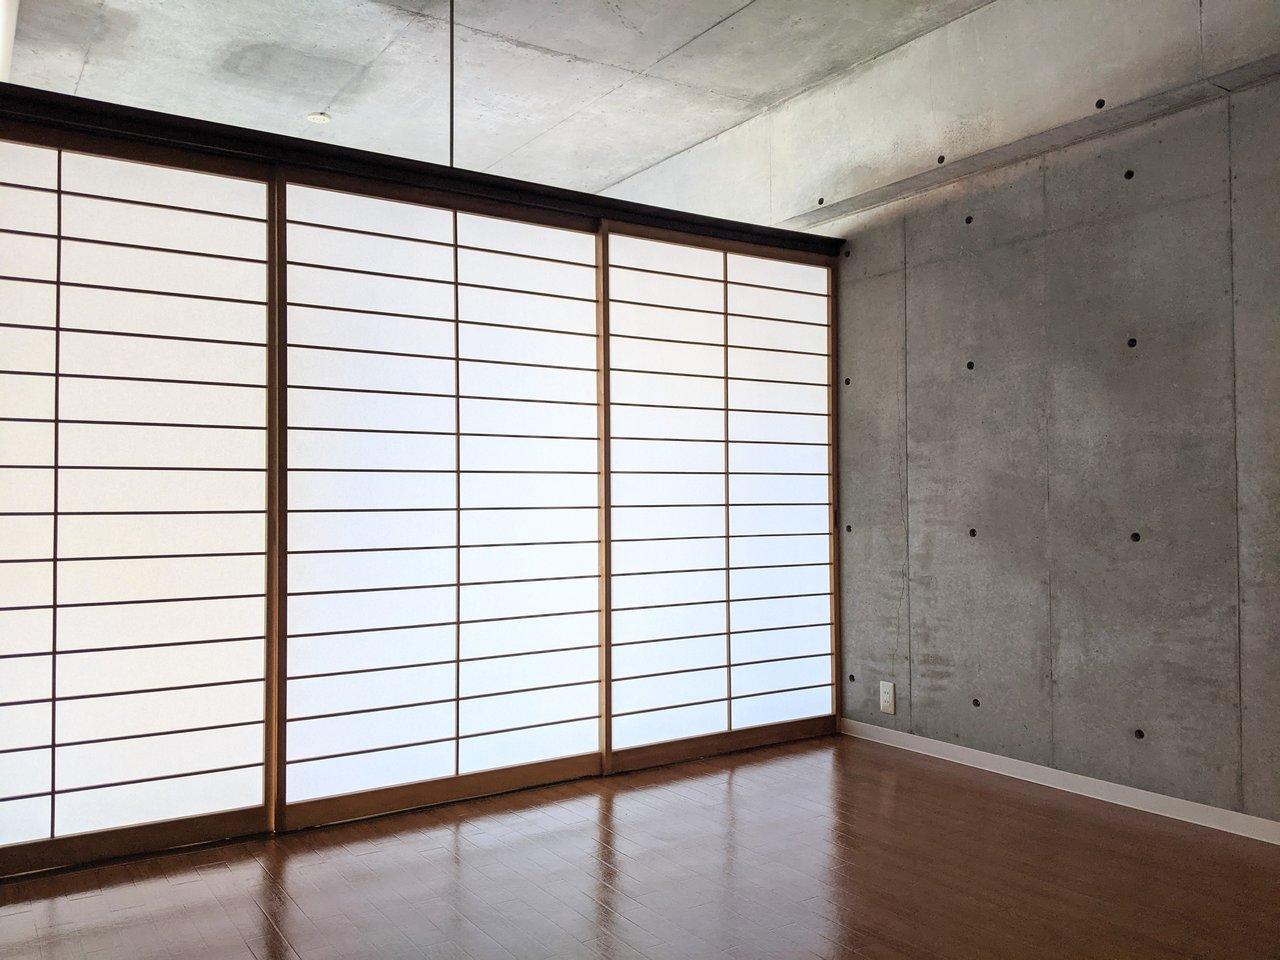 部屋の仕切りは障子。天井部が開いているだけでなく、障子の透け感があるので、障子を閉めても開放的な印象がありますね。